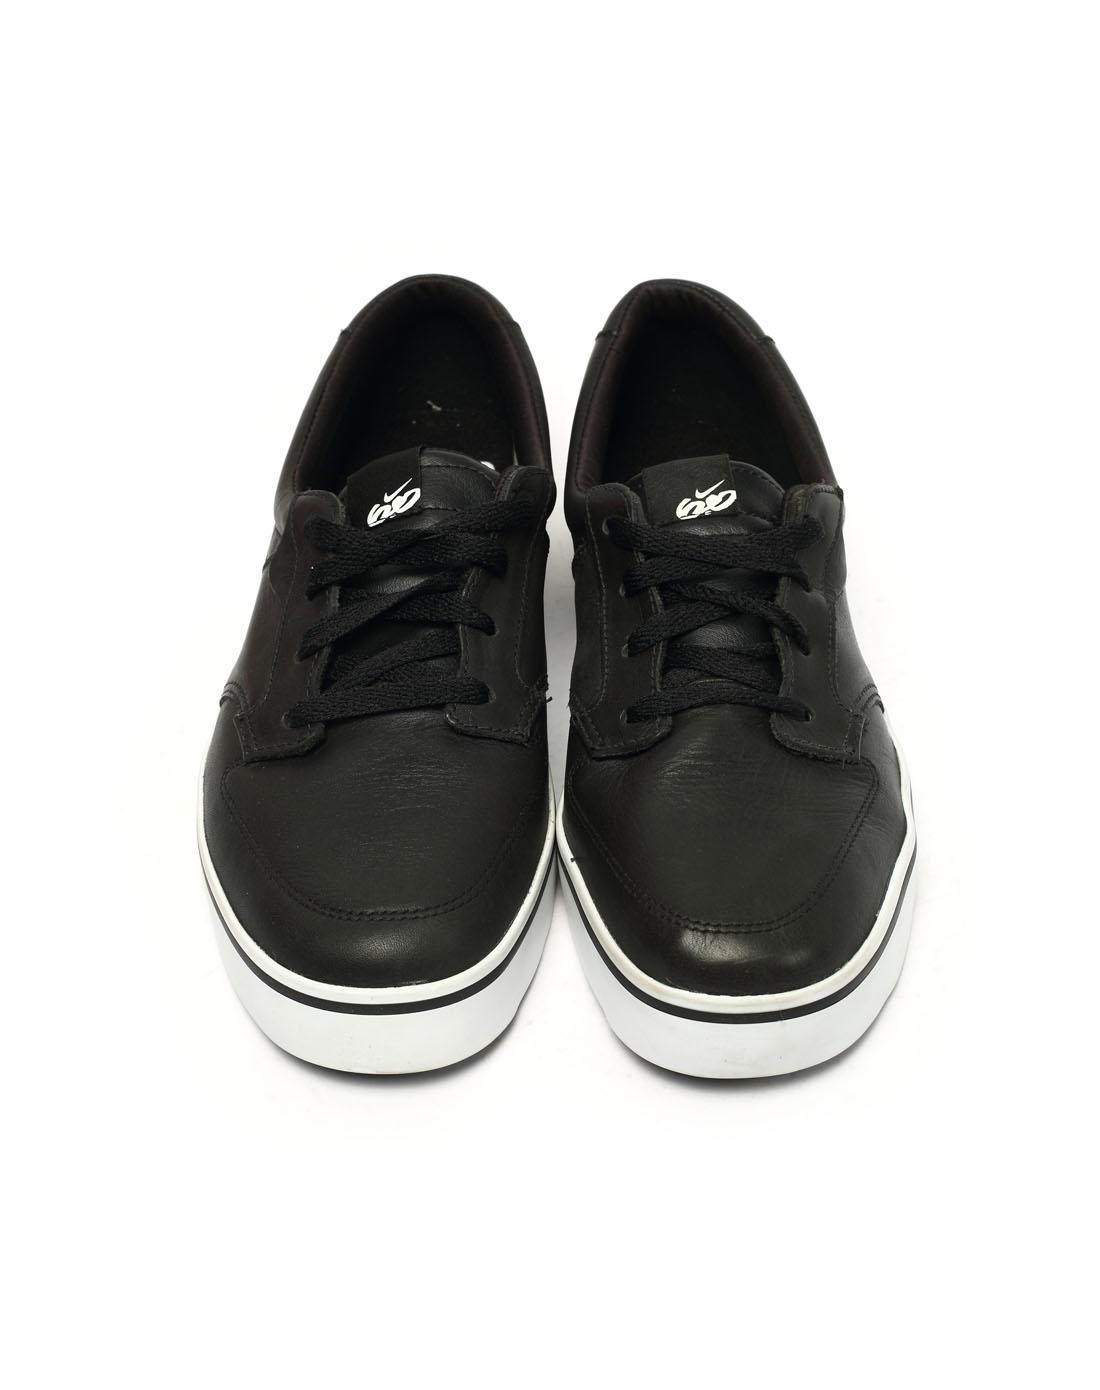 耐克nike男子黑色复古鞋433088-002